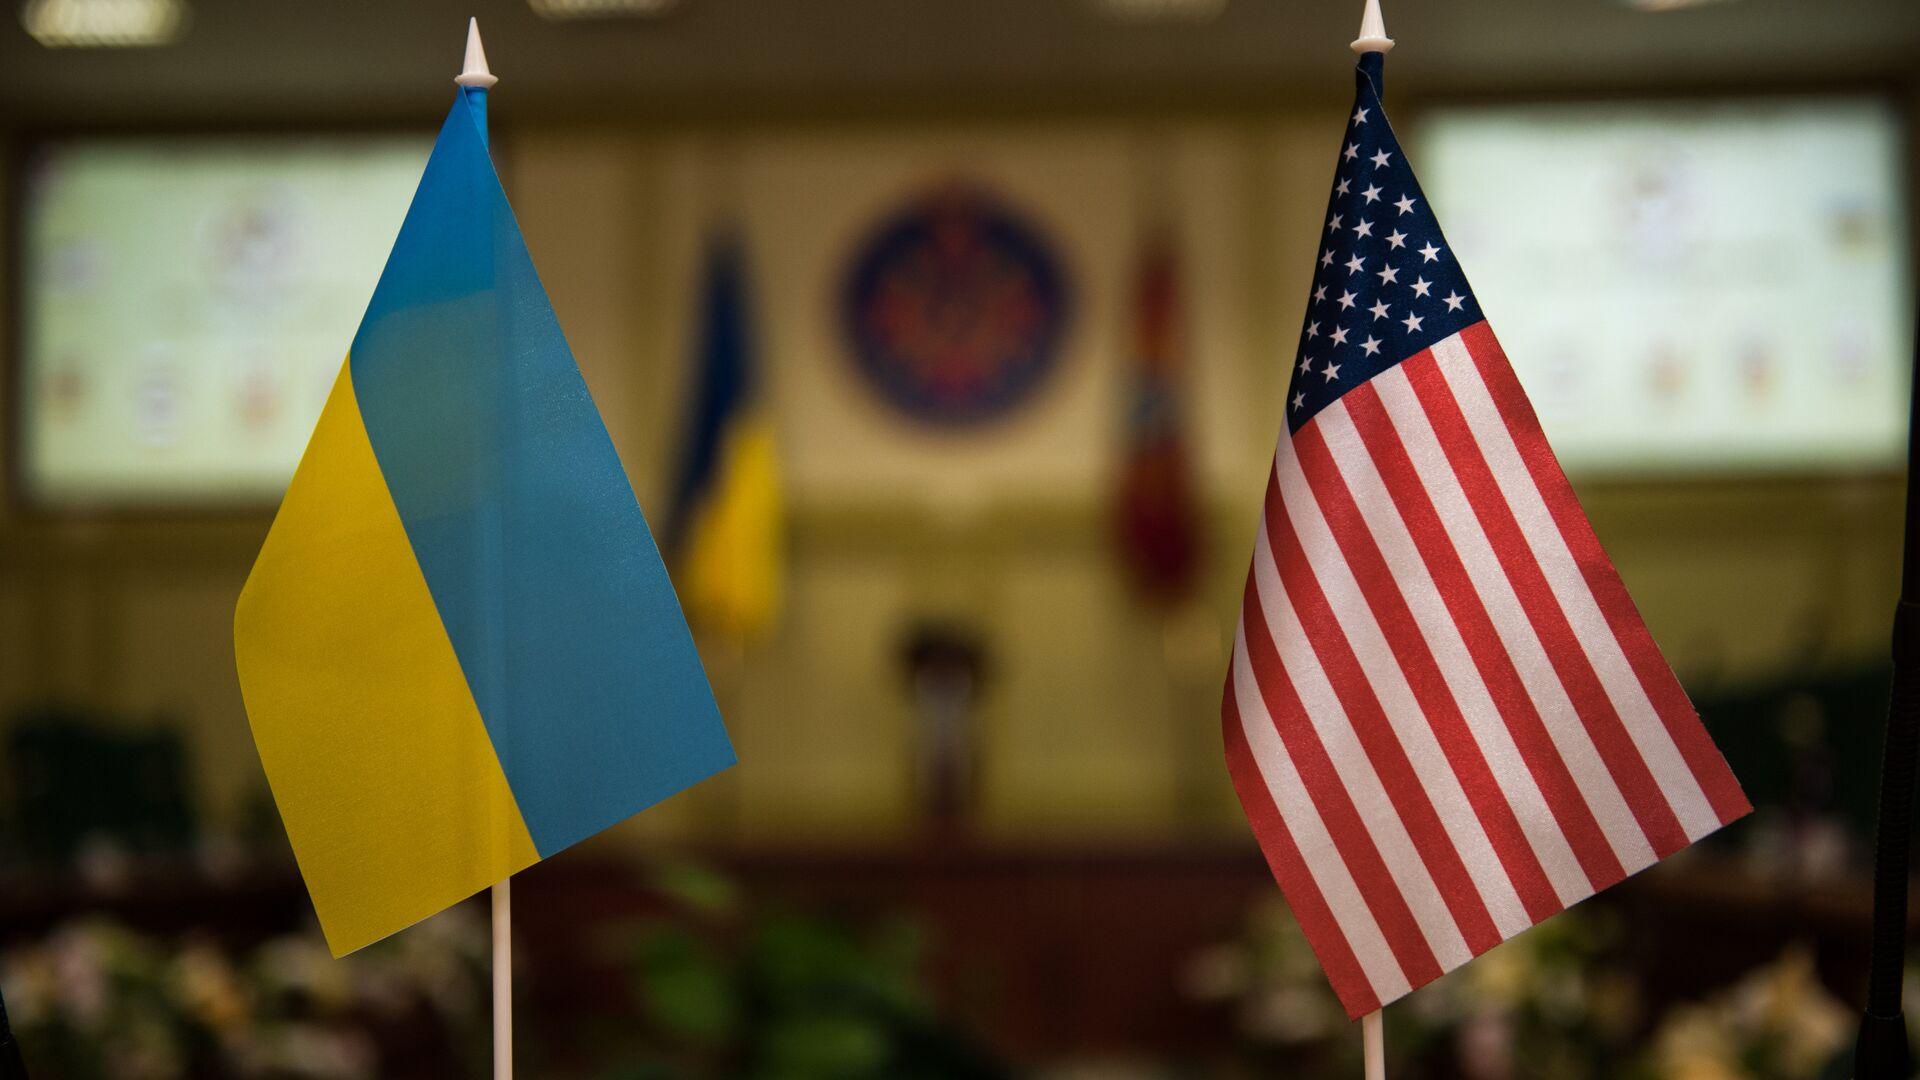 Zastave SAD  i Ukrajine - Sputnik Srbija, 1920, 31.08.2021